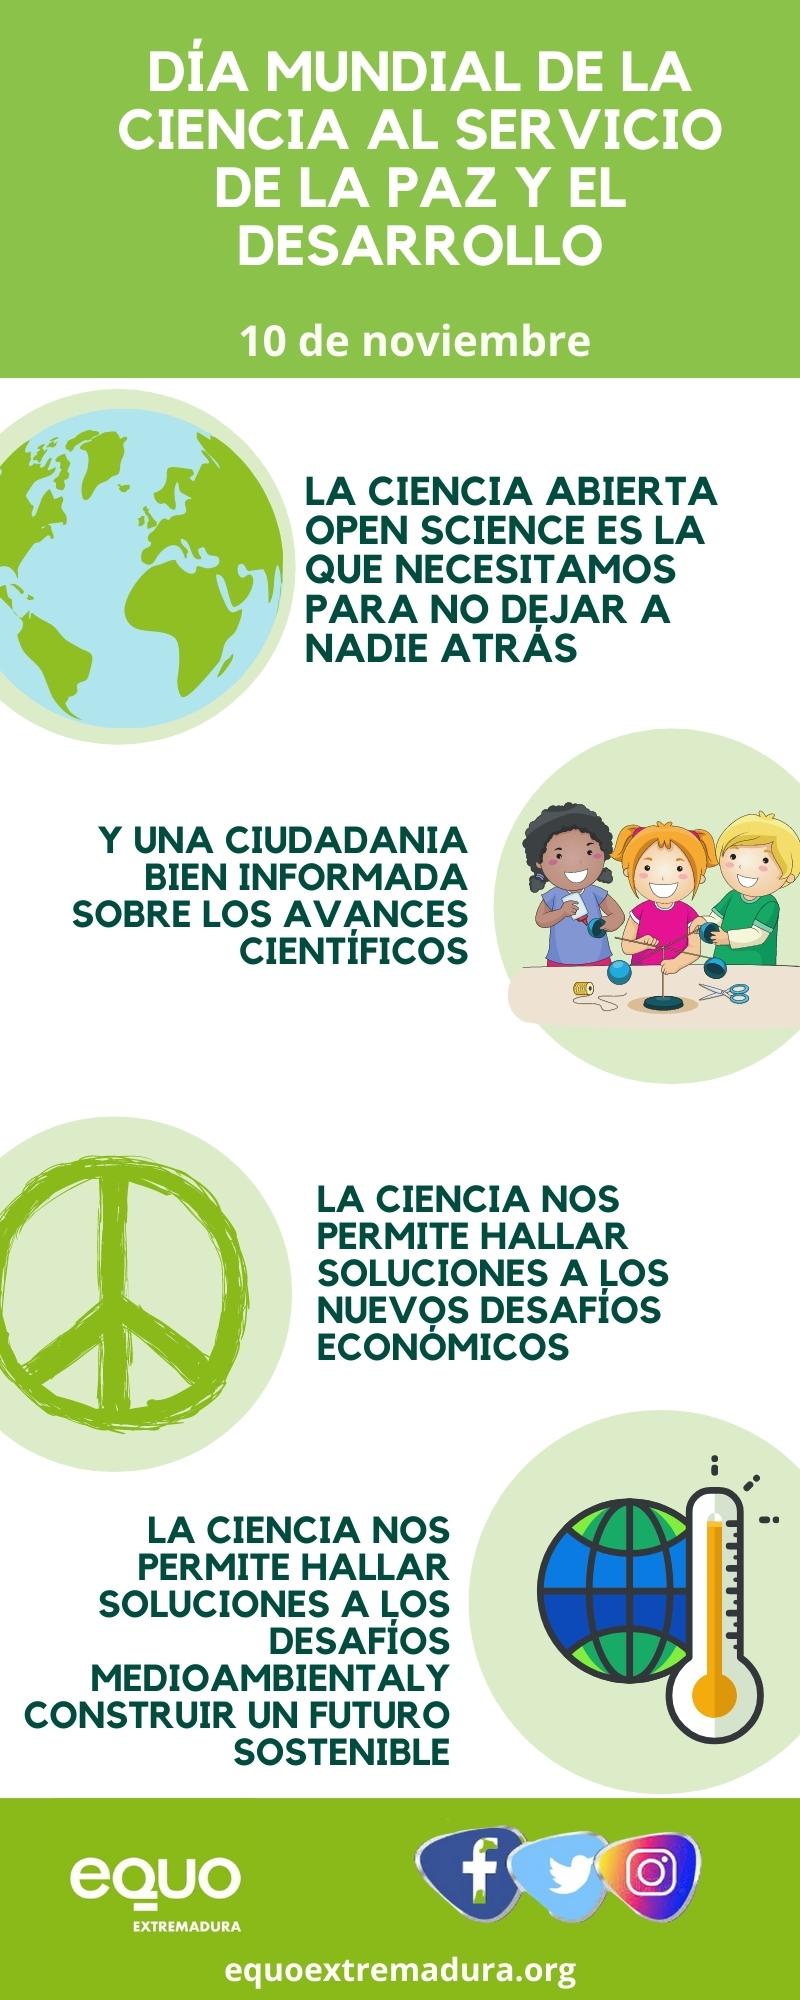 Una reflexión en el Día Mundial de la Ciencia al servicio de la Paz y el Desarrollo